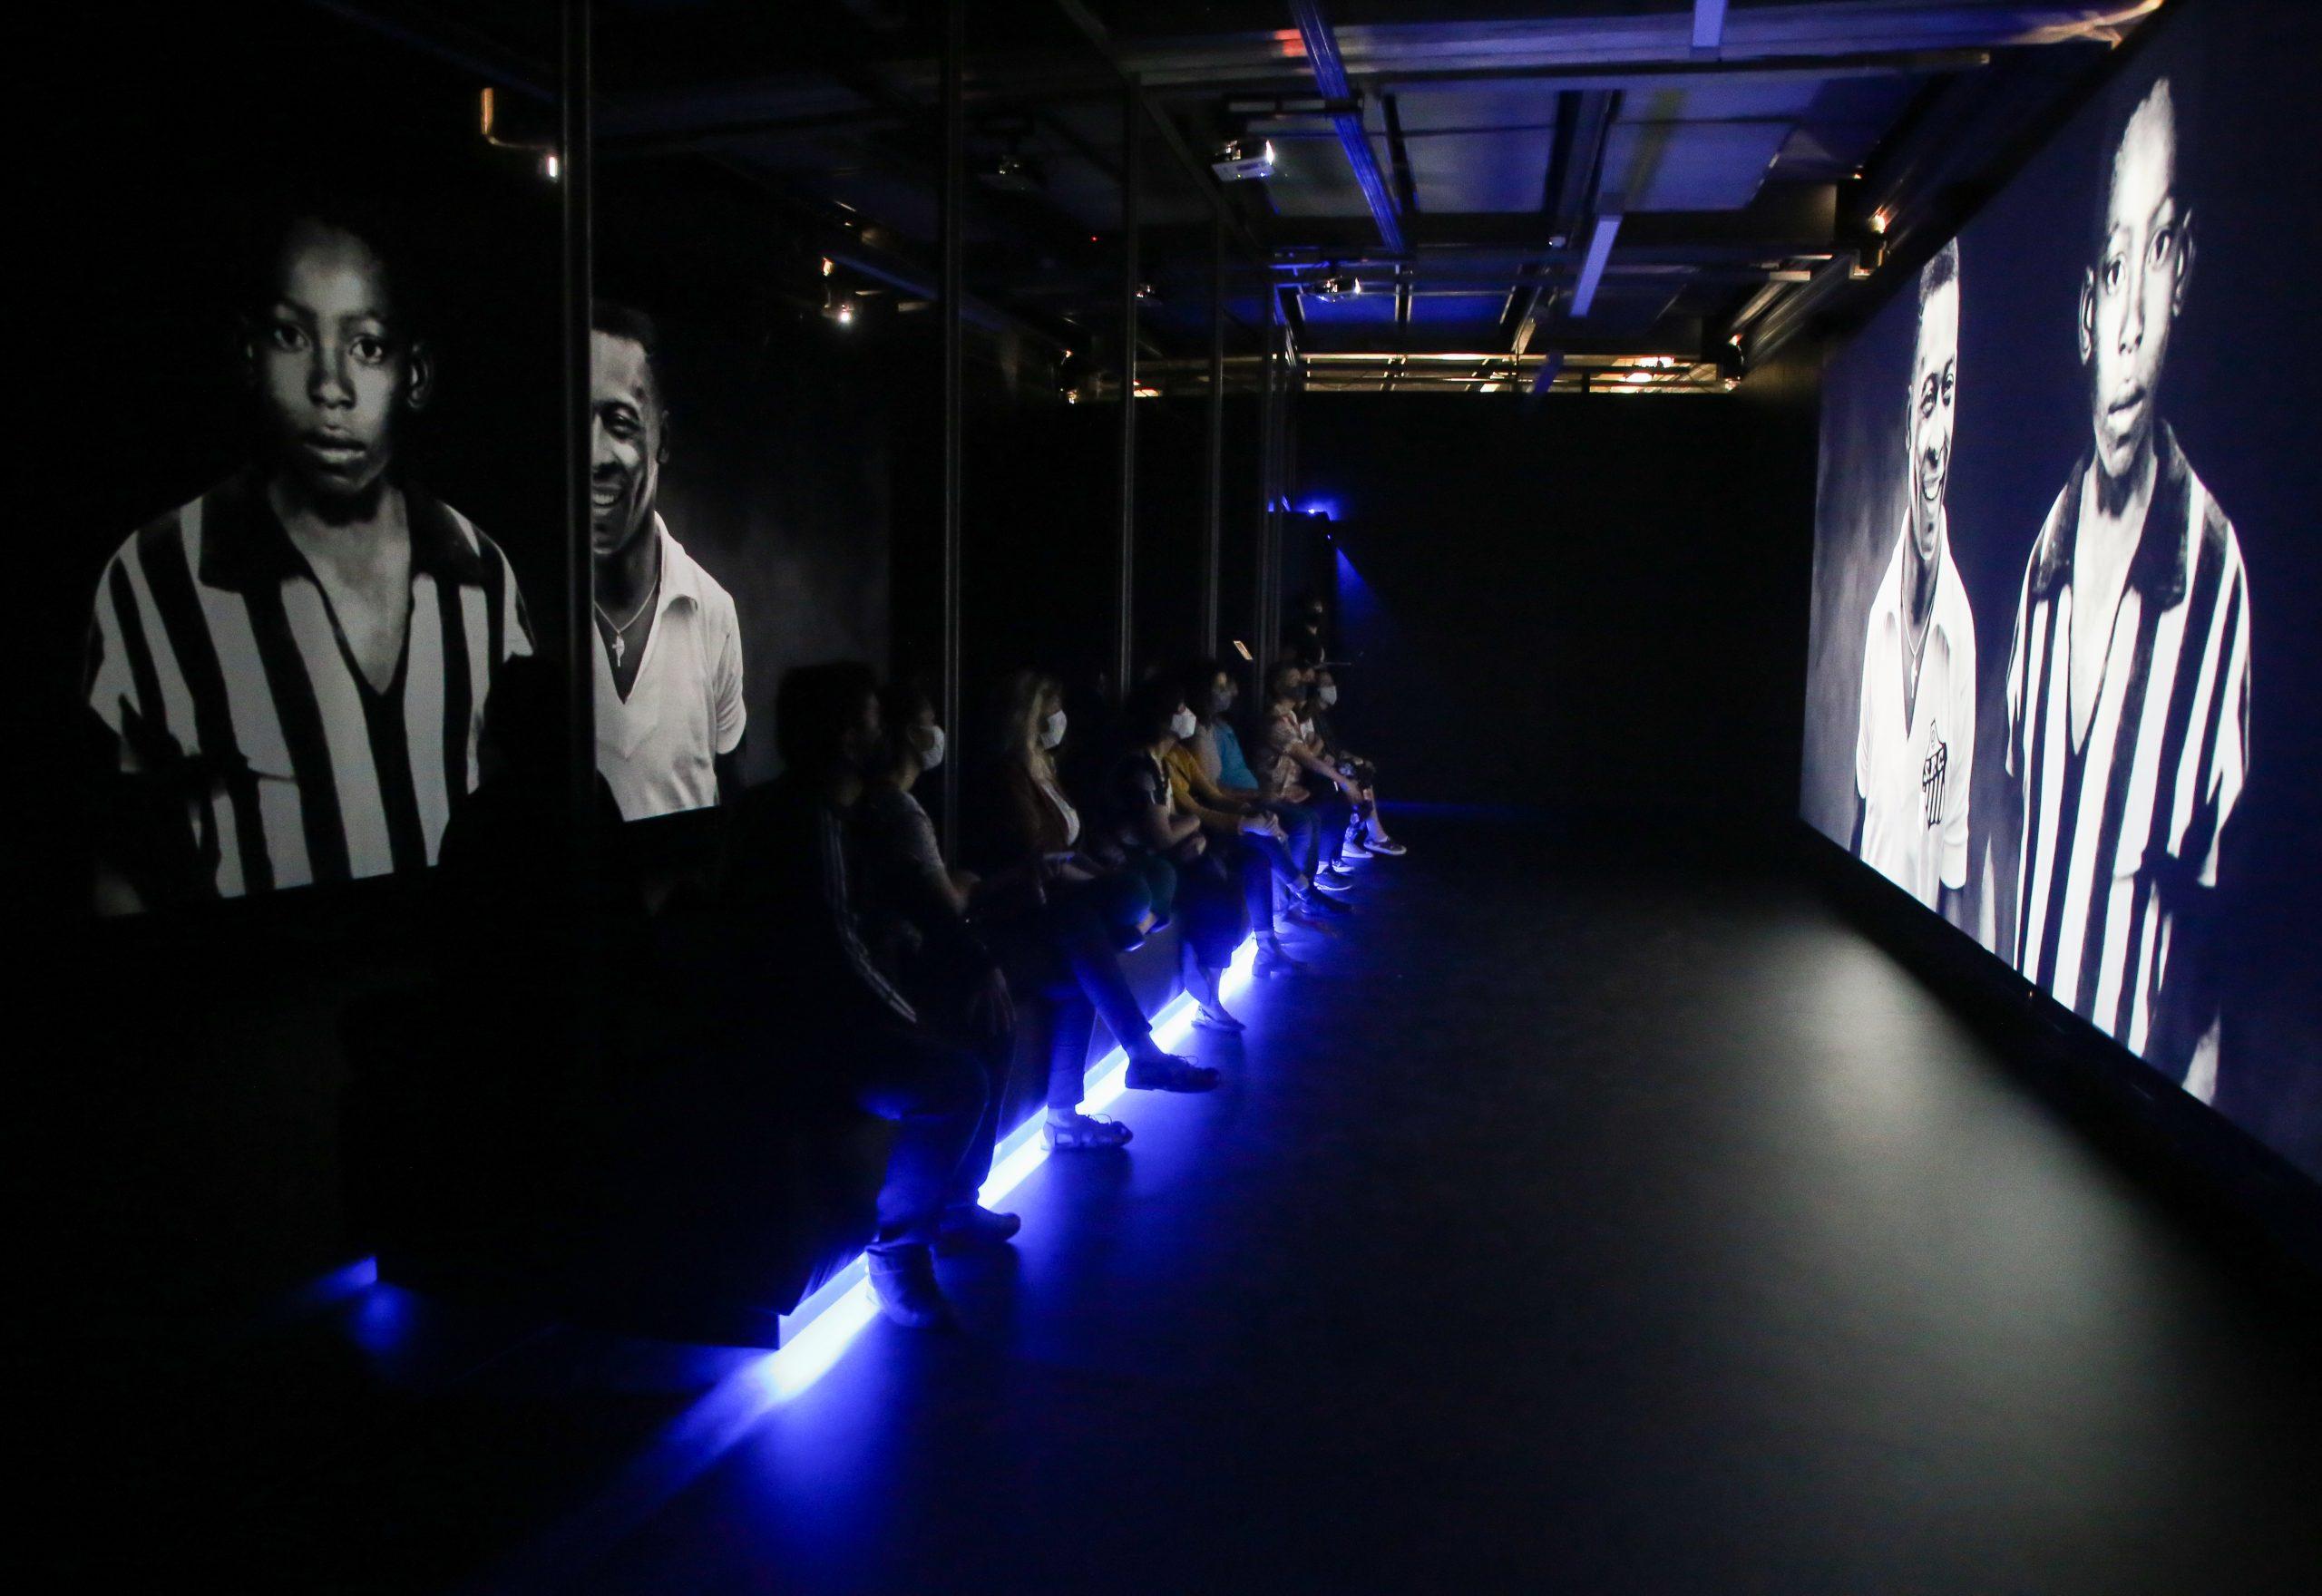 Numa sala escura, pessoas assistem um filme numa telão. O banco onde estão sentadas tem uma luz azul por baixo. Na tela, vemos uma foto de Pelé adolescente.